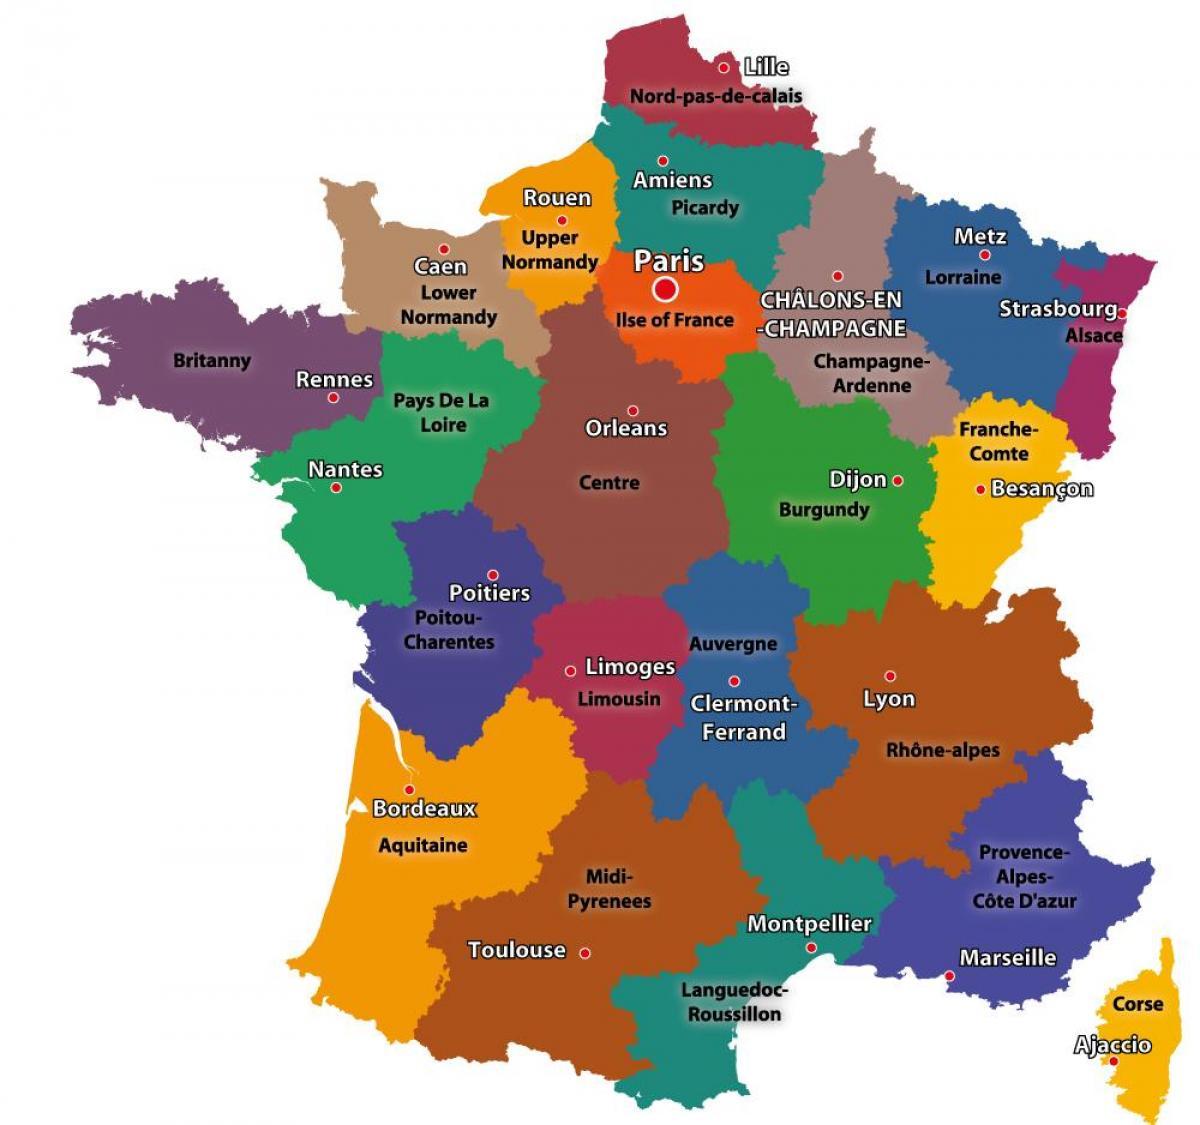 Karta Francuskoj Pokazuje Pariz Karta Francuske I Pariza Ile De